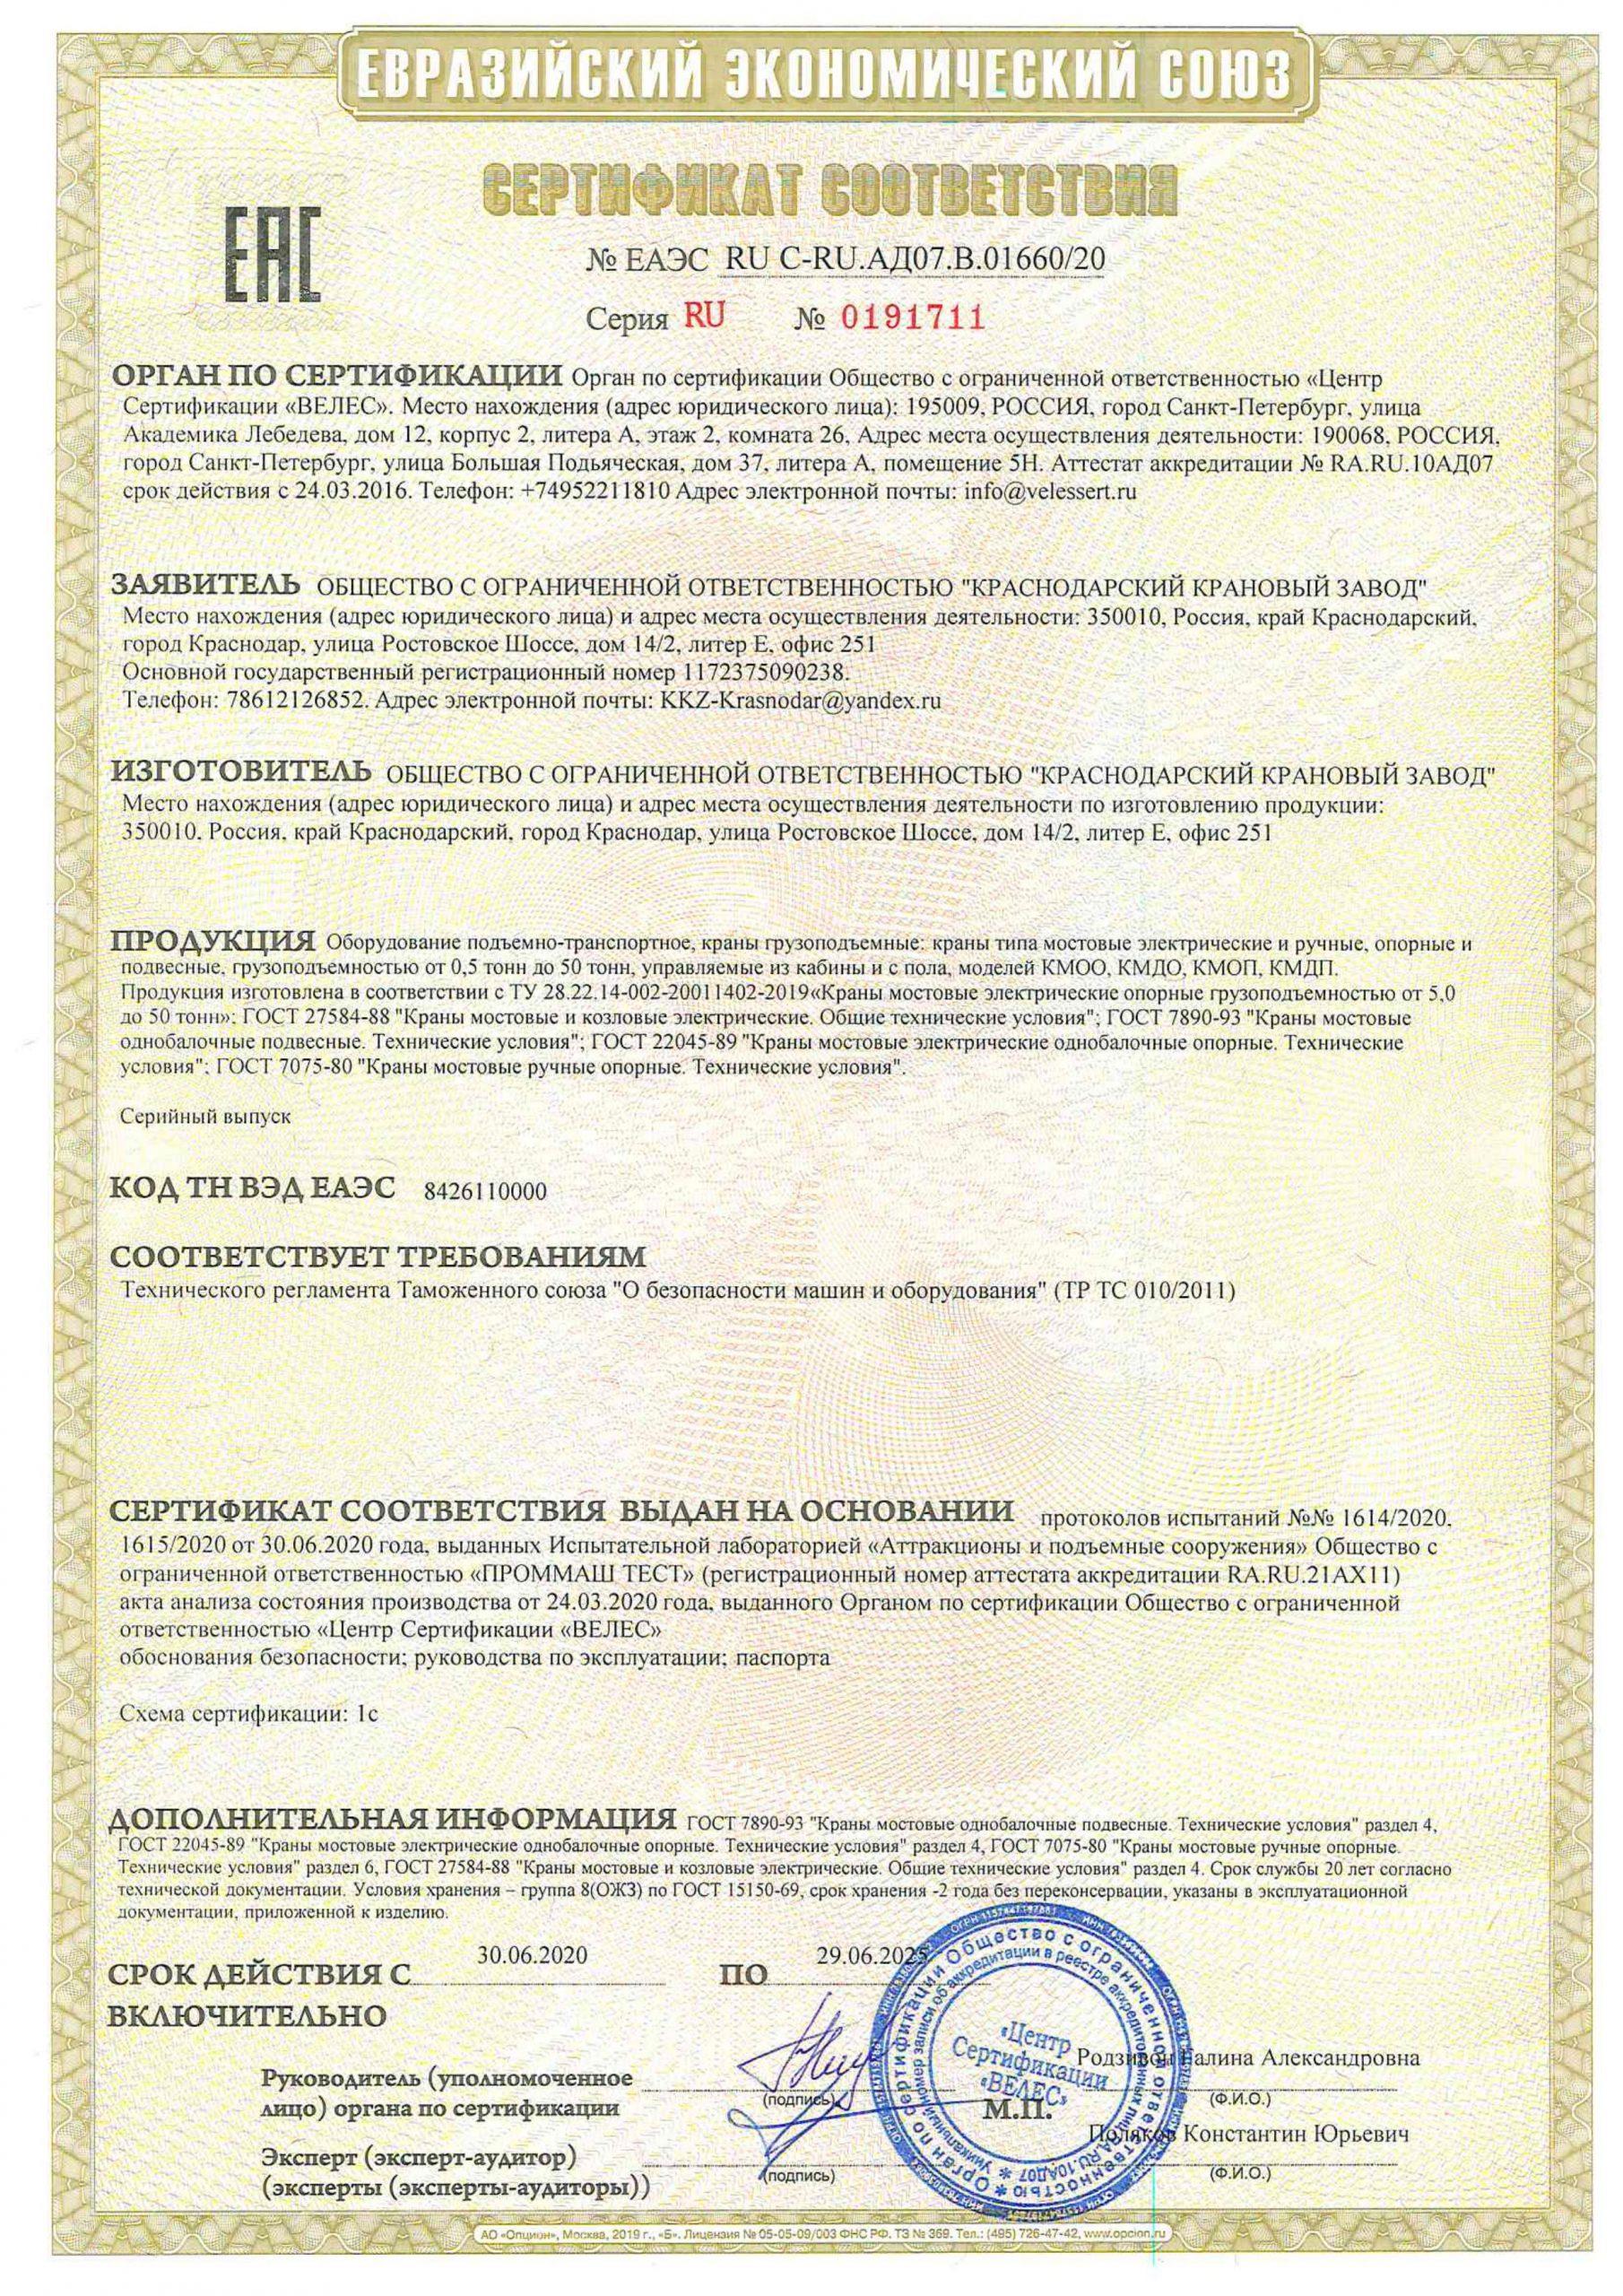 сертификат соответствия гост краны